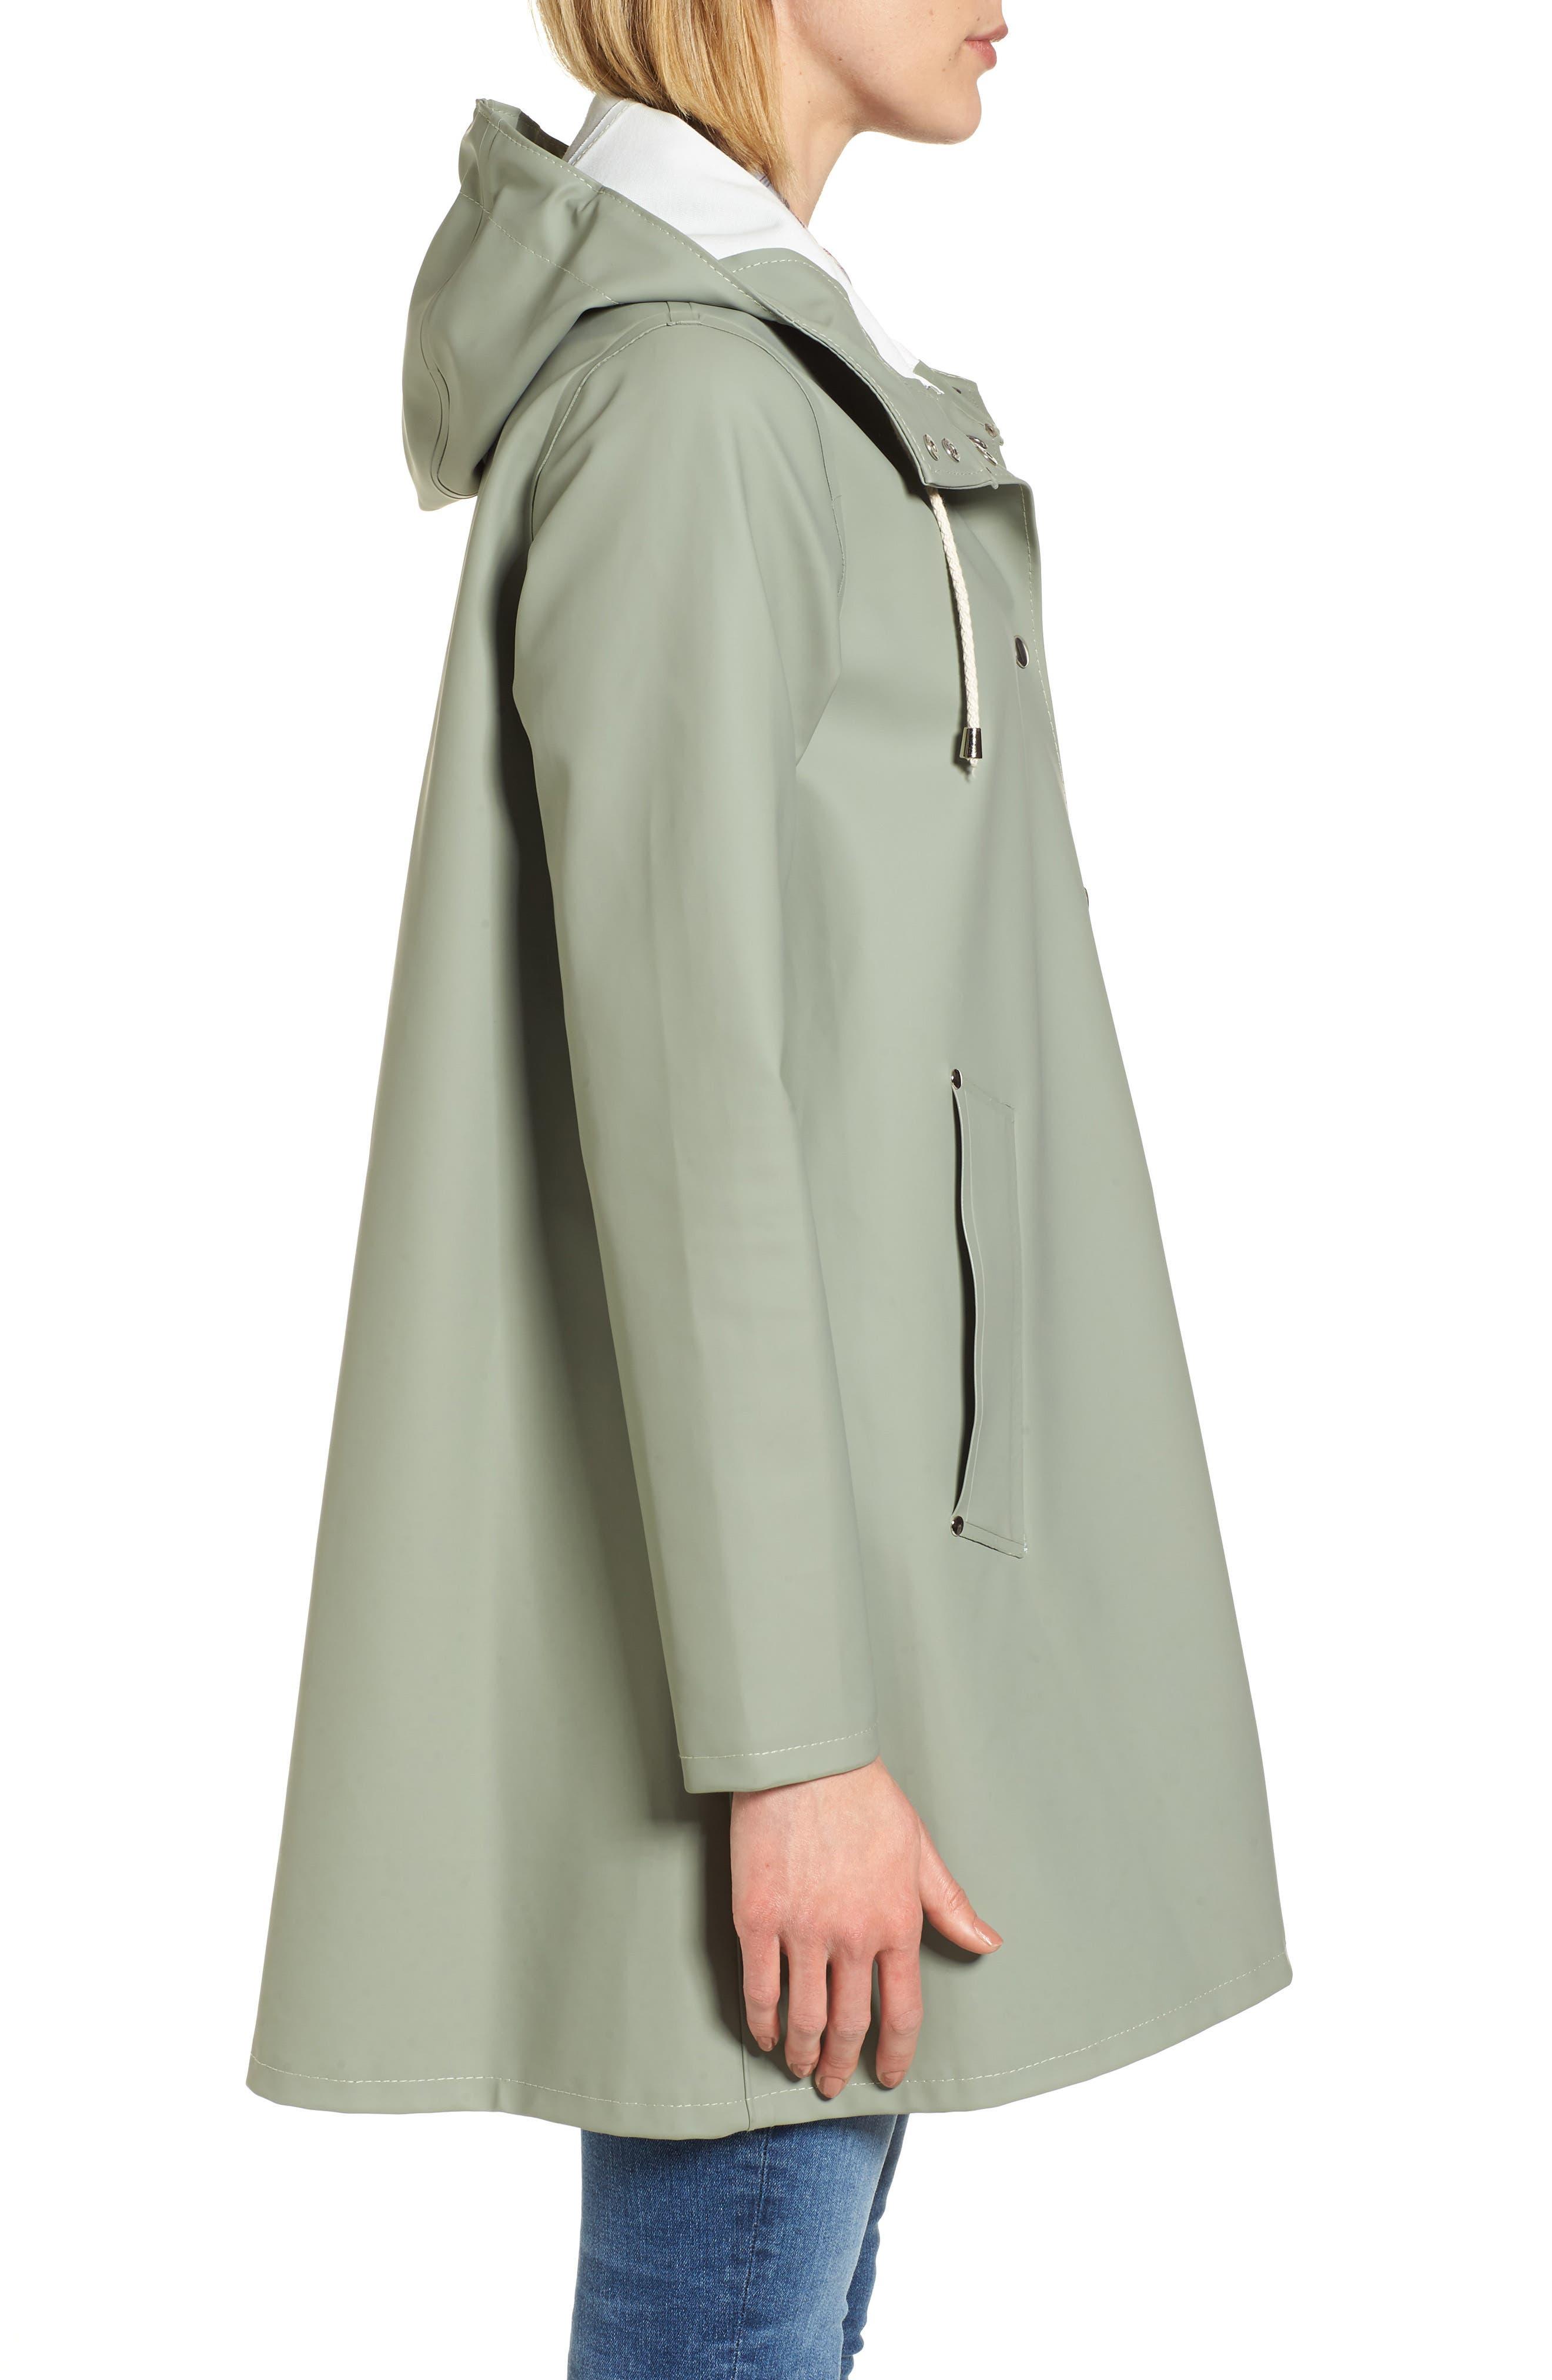 Mosebacke Waterproof A-Line Hooded Raincoat,                             Alternate thumbnail 3, color,                             Khaki Green